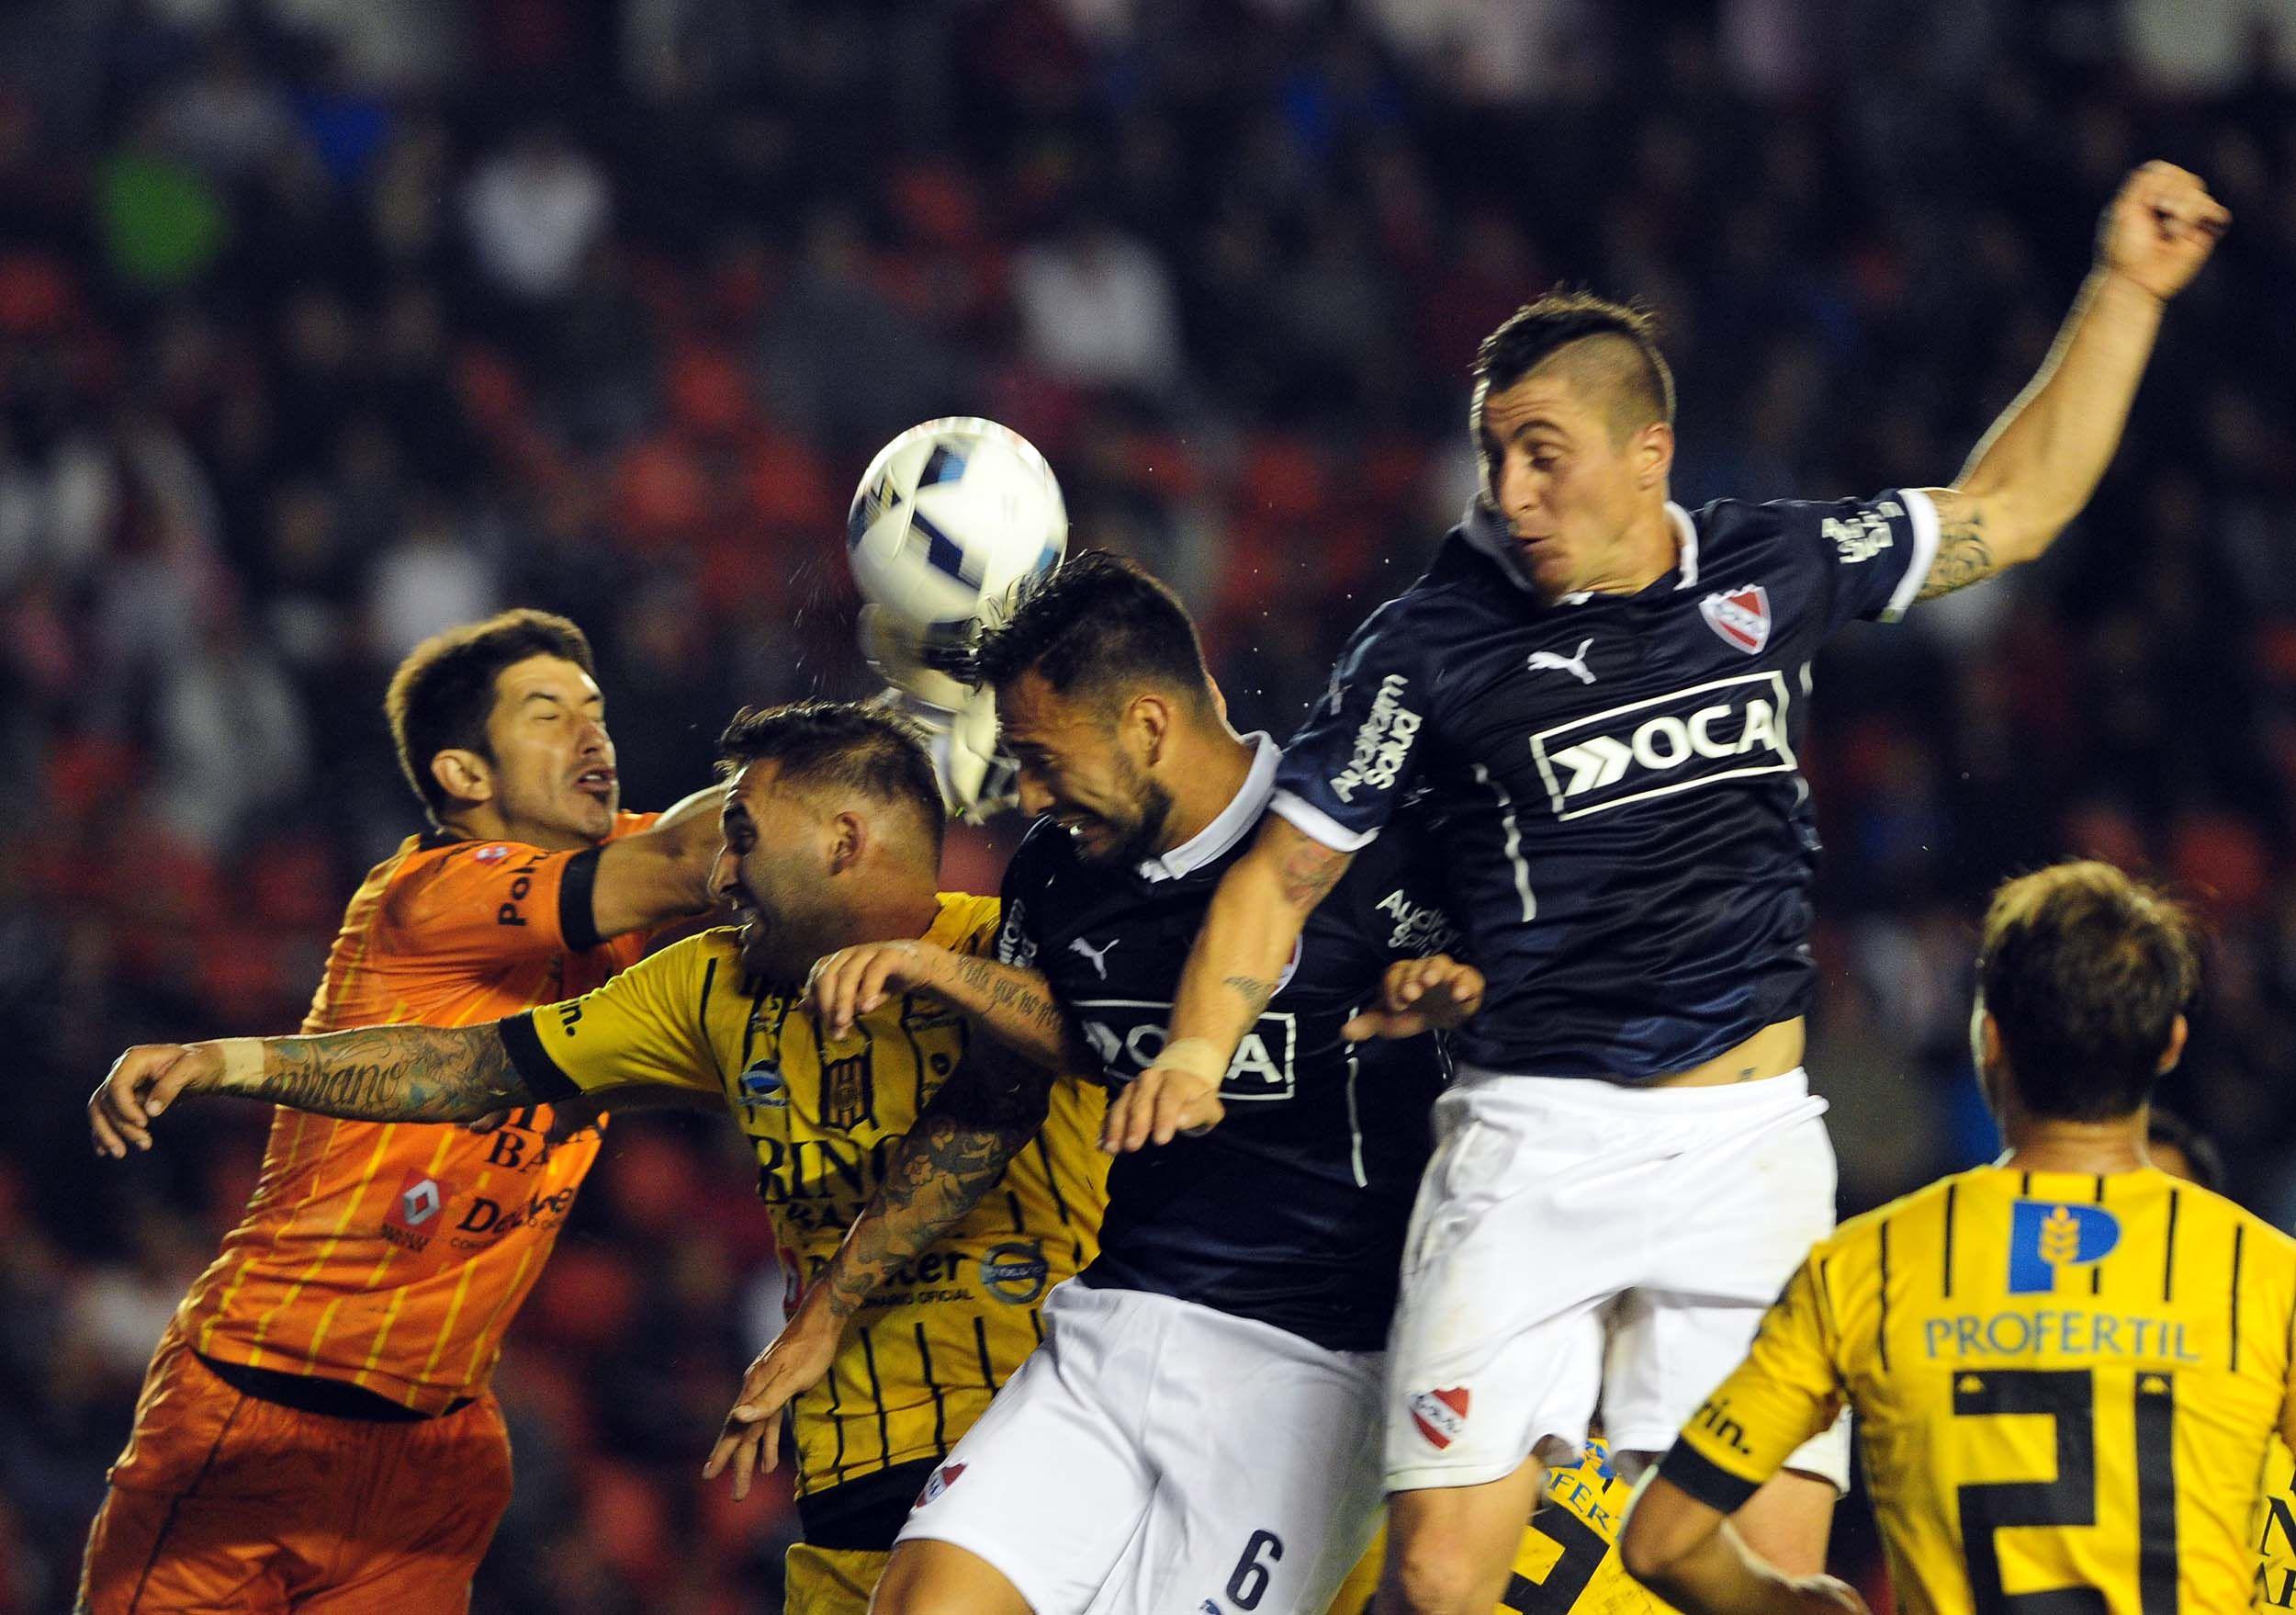 Las mejores fotos de una nueva jornada de fútbol